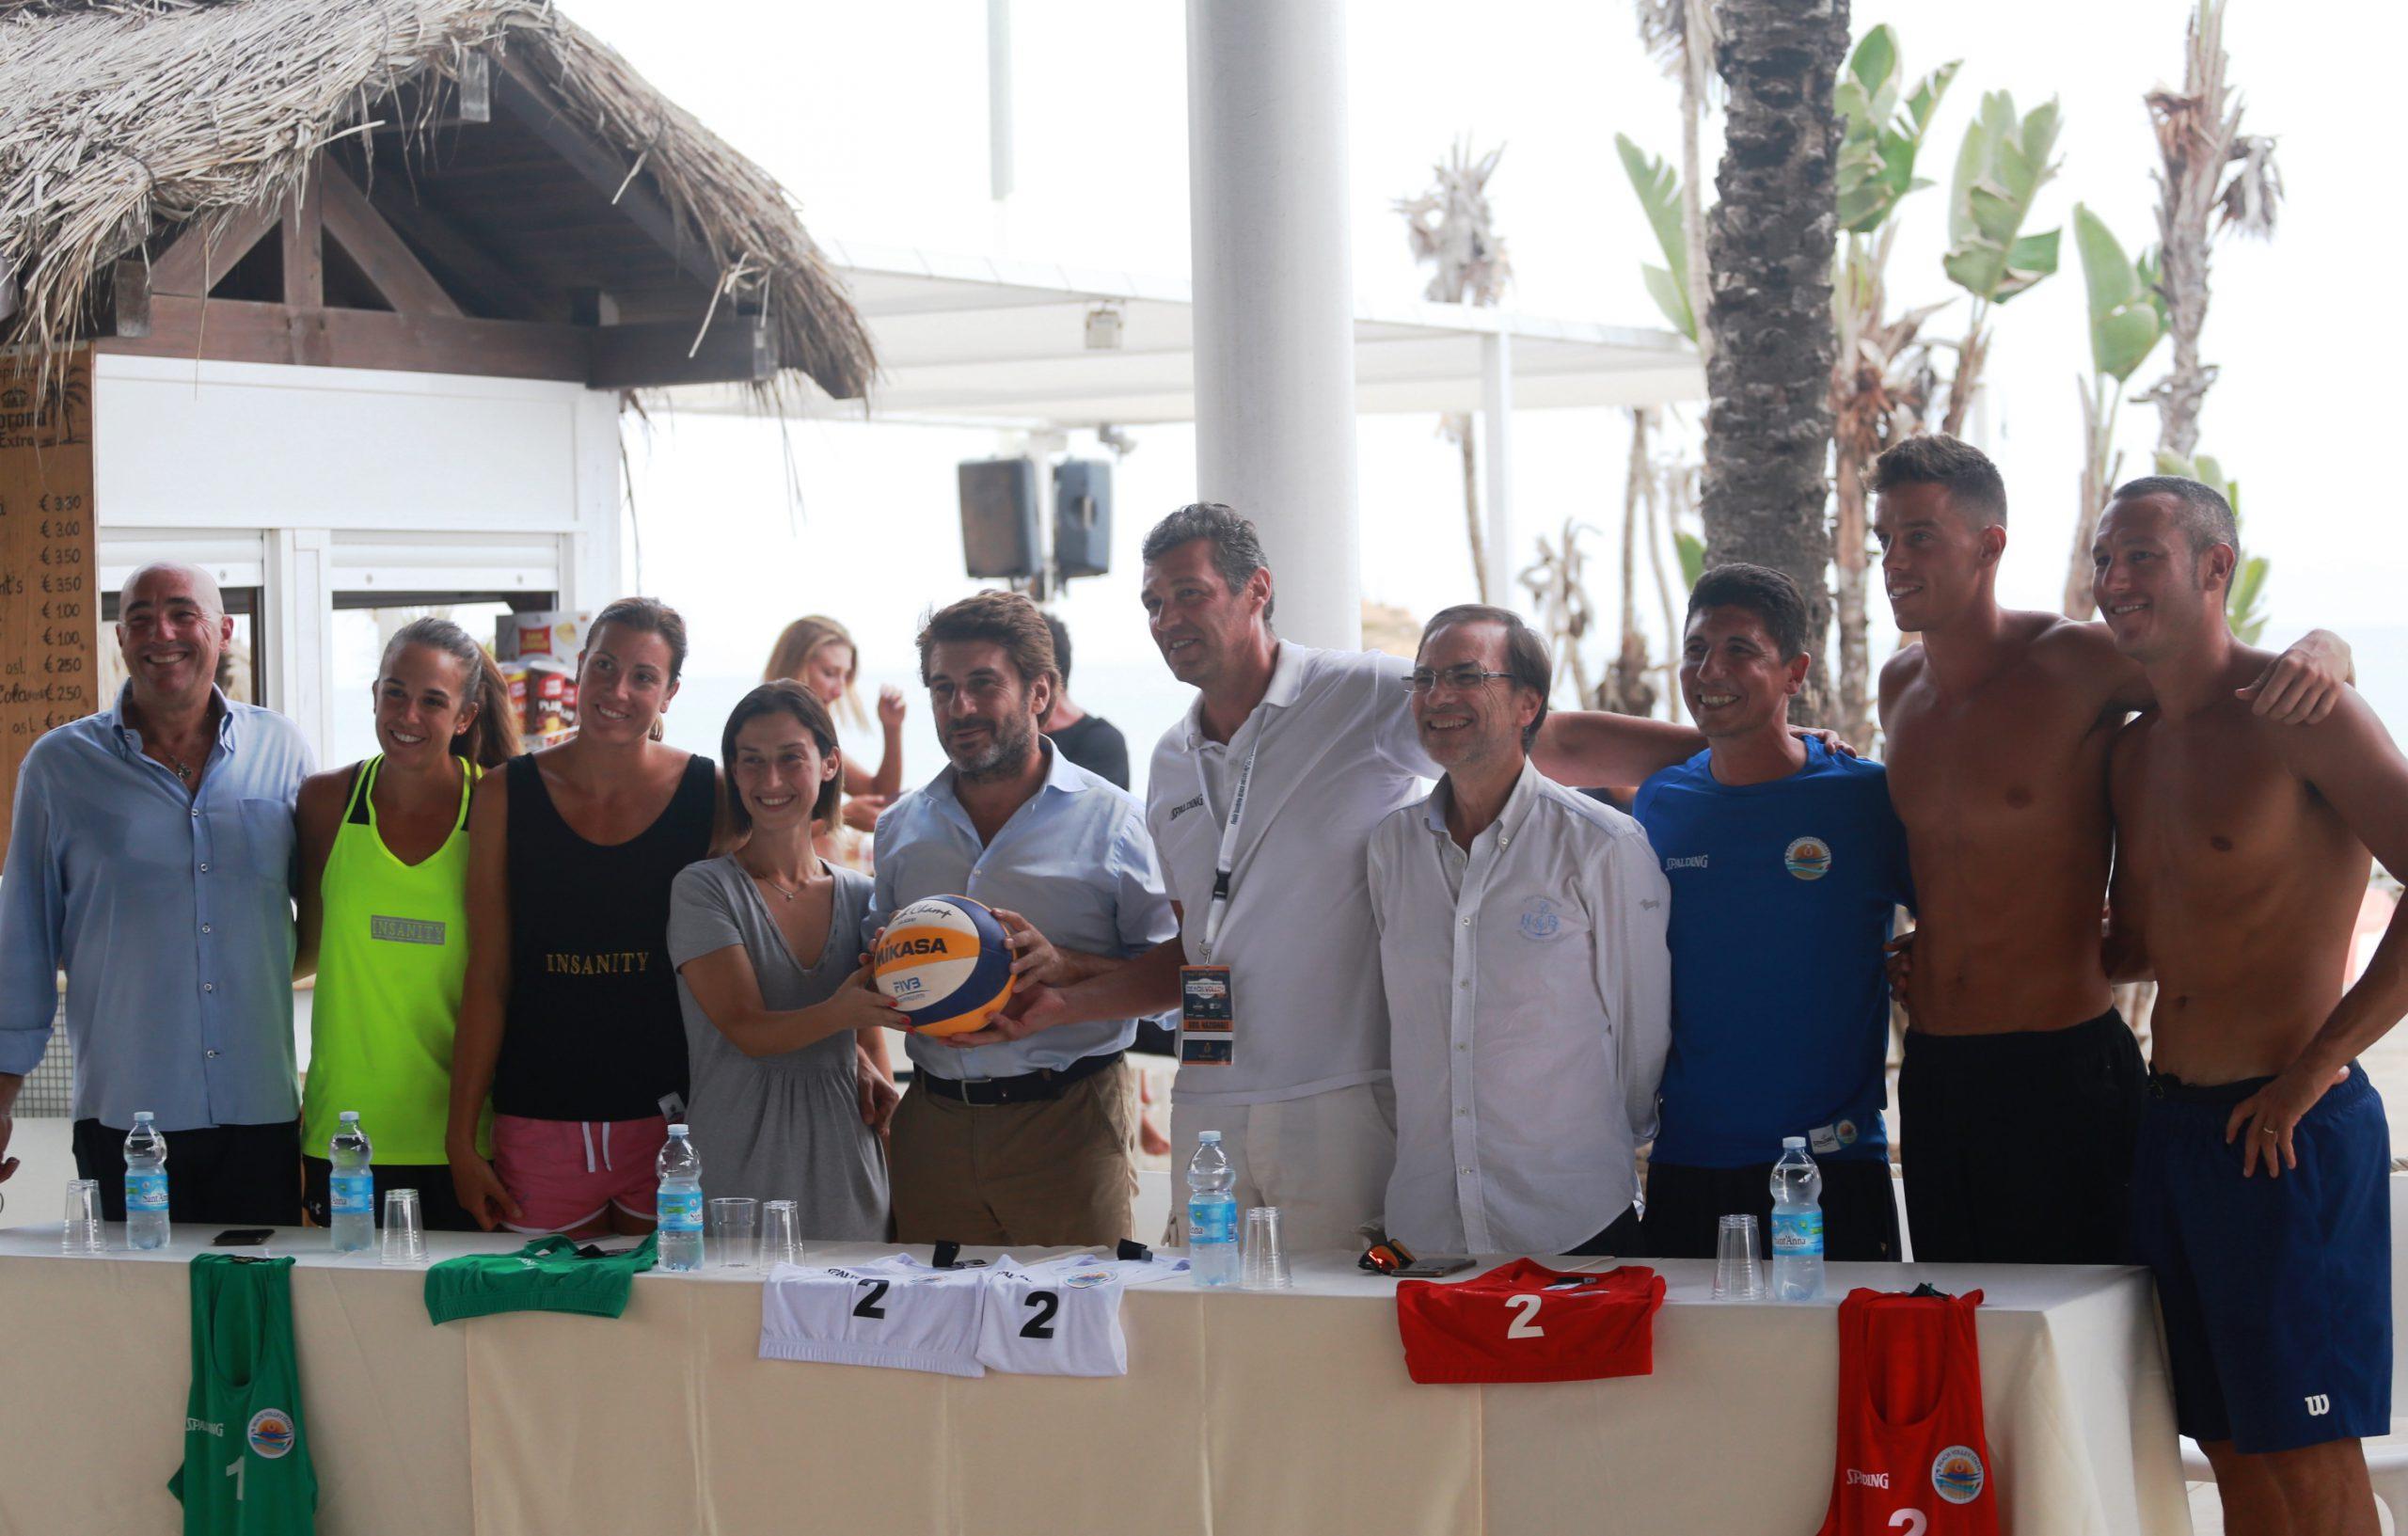 Coppa Italia: le migliori coppie italiane si affrontano a Catania